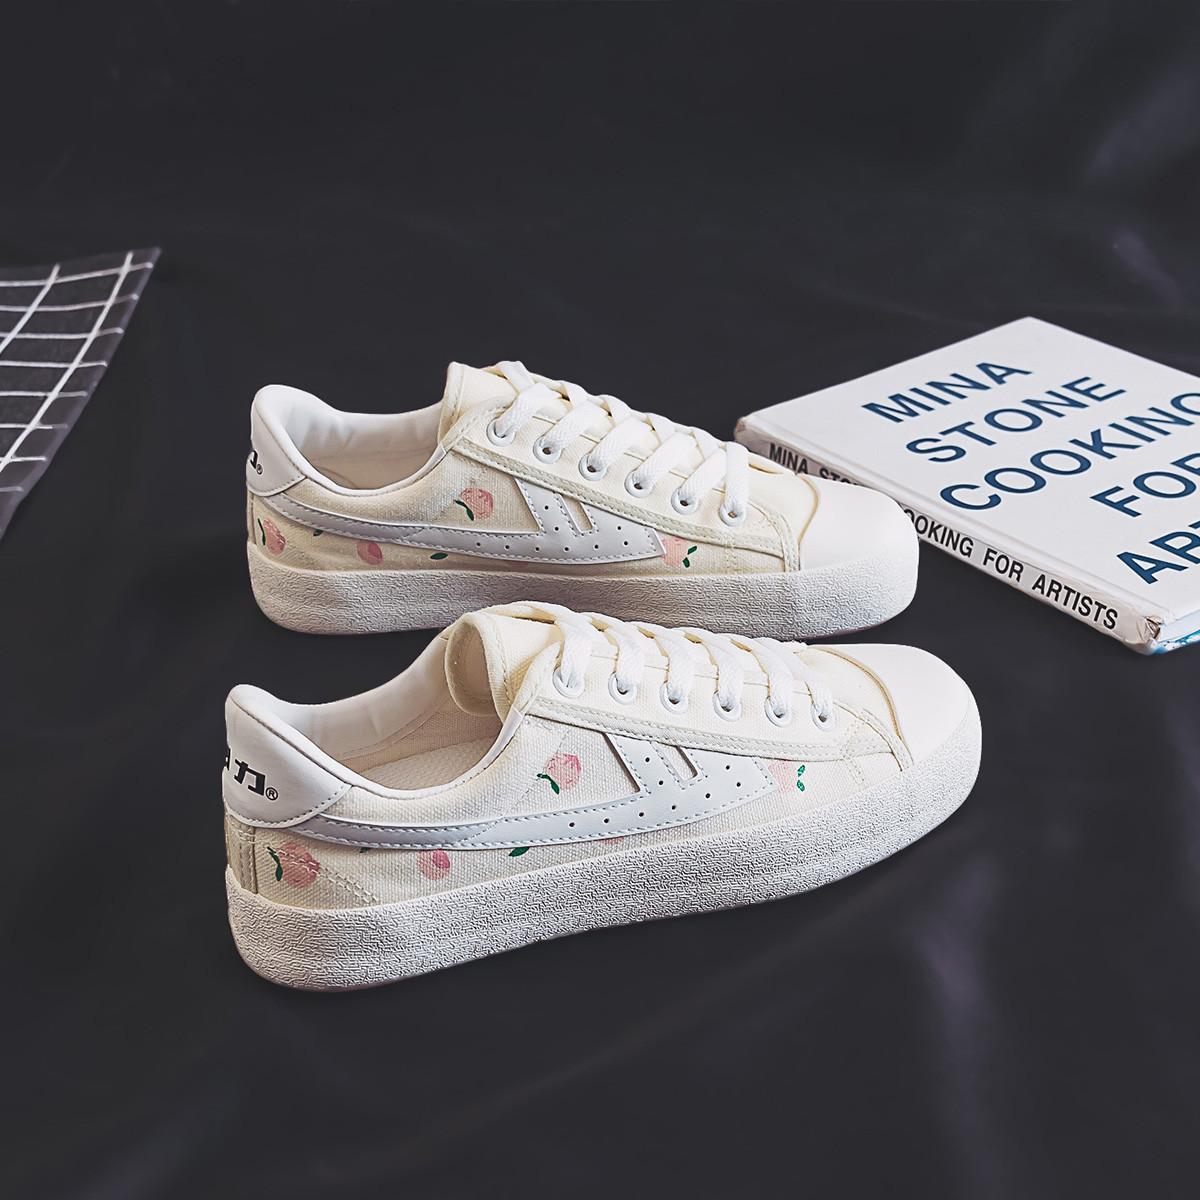 回力 新品帆布鞋爆改低帮运动鞋水果系列学生百搭休闲鞋